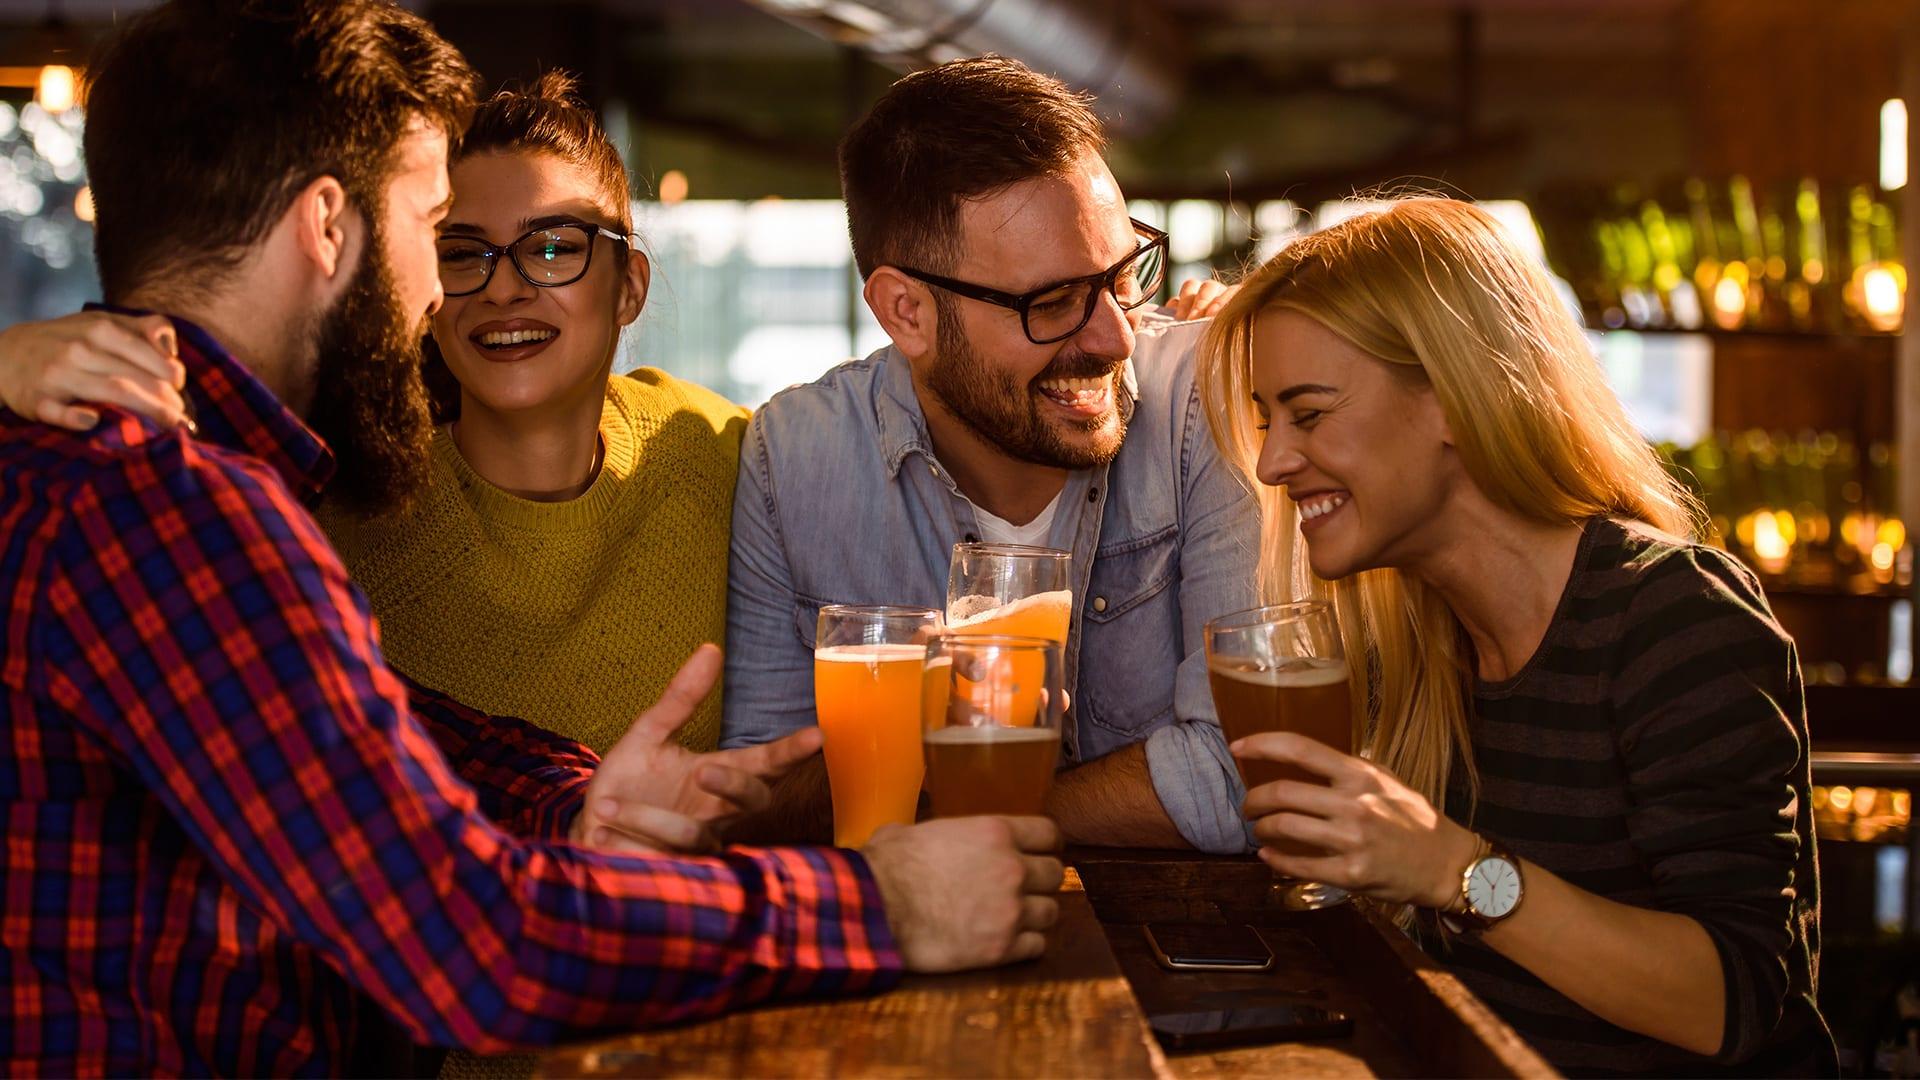 O-melhor-happy-hour-com-os-amigos